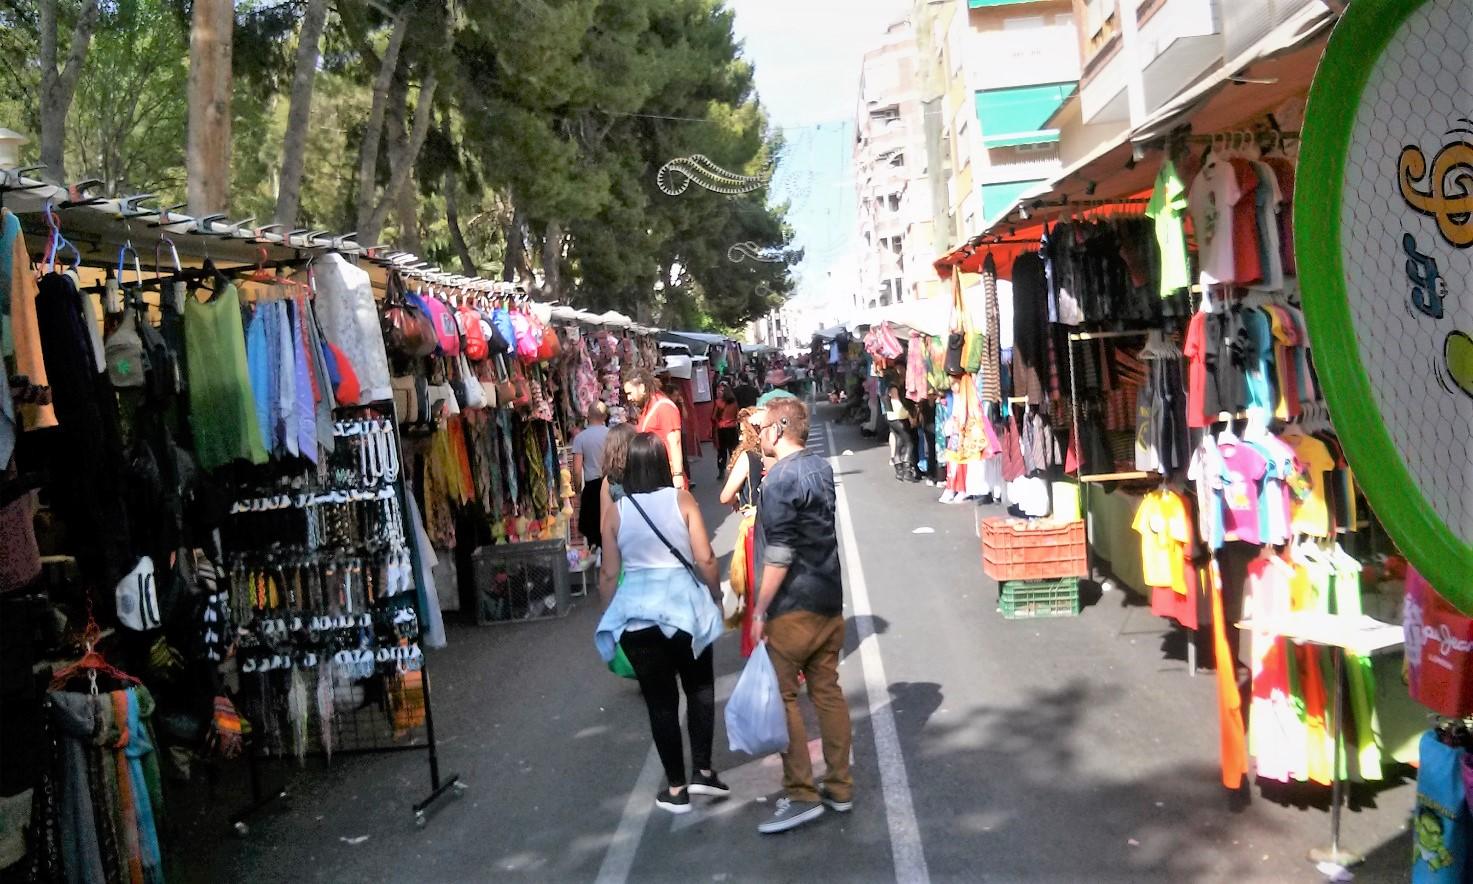 El 'Zoco' de los Moros y Cristianos de Elda contará con 84 puestos de venta